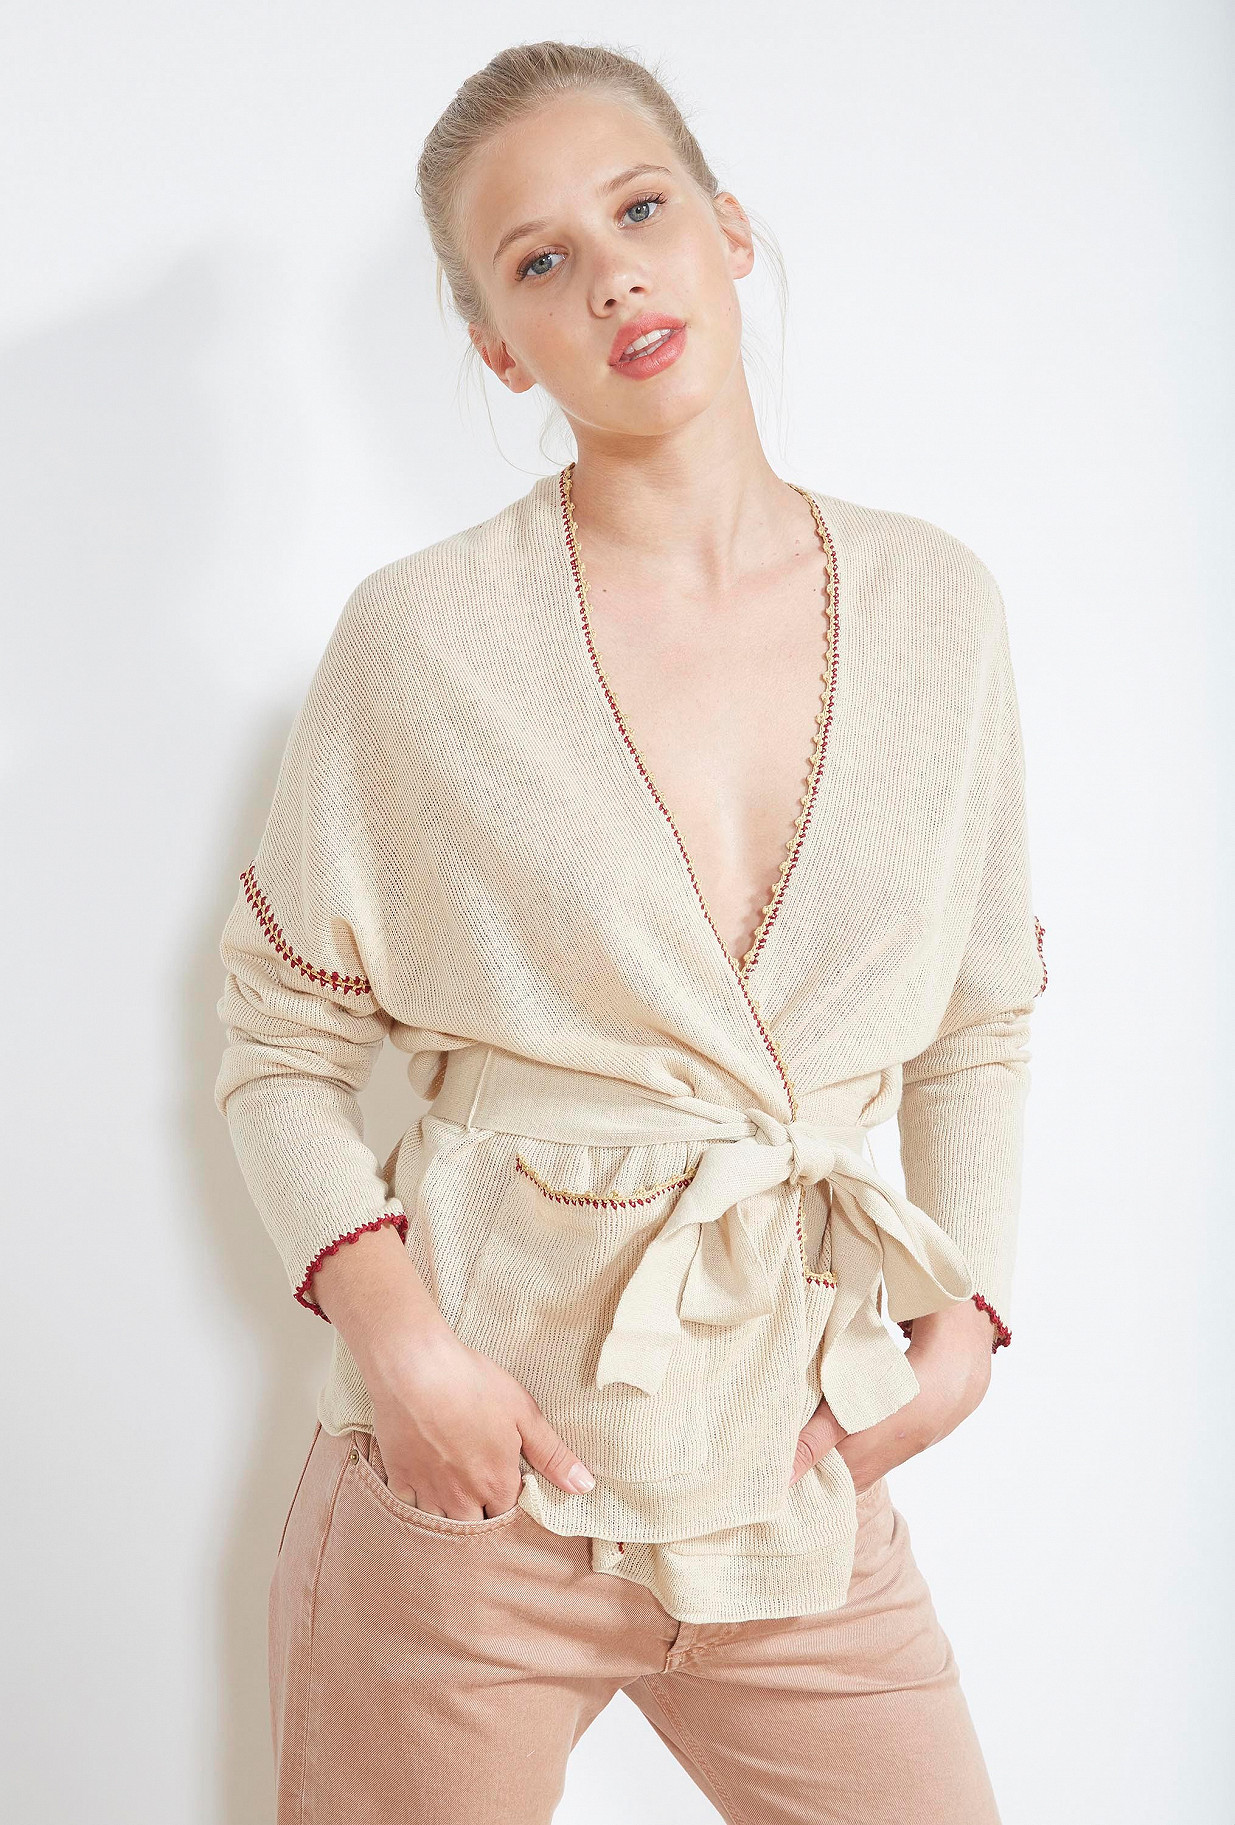 clothes store KIMONO  Tulum french designer fashion Paris